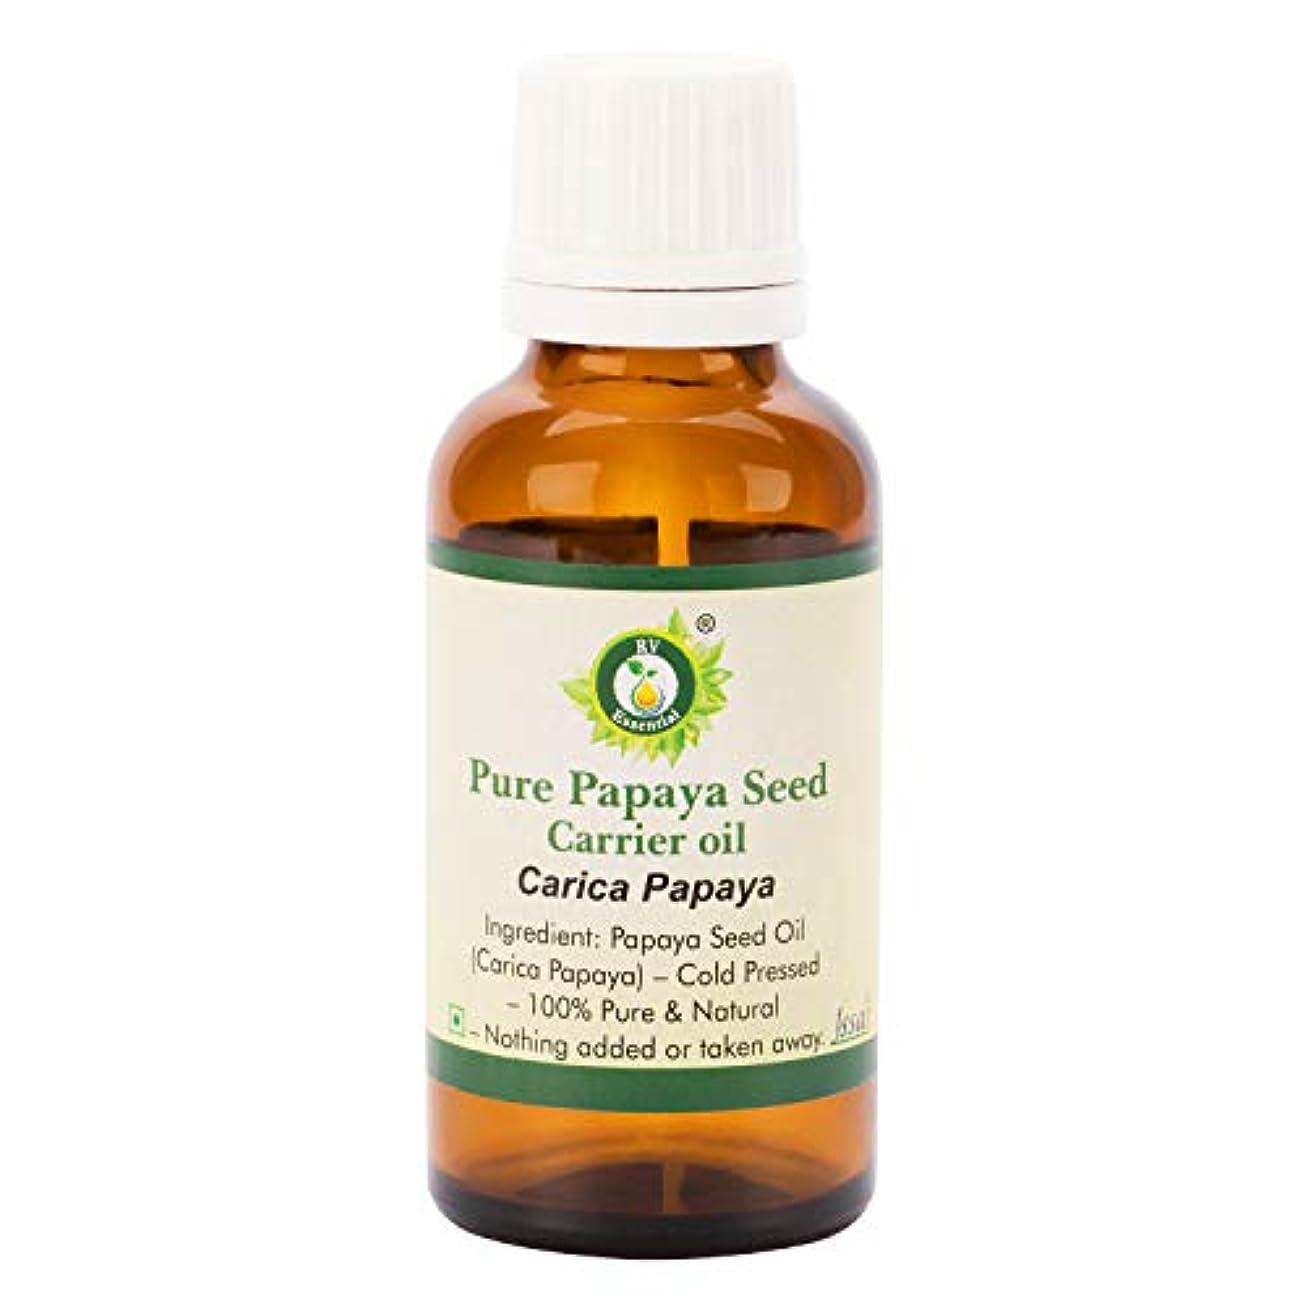 永遠のラフレシアアルノルディ簡単に純粋なパパイヤ種子キャリアオイル30ml (1.01oz)- Carica Papaya (100%ピュア&ナチュラルコールドPressed) Pure Papaya Seed Carrier Oil